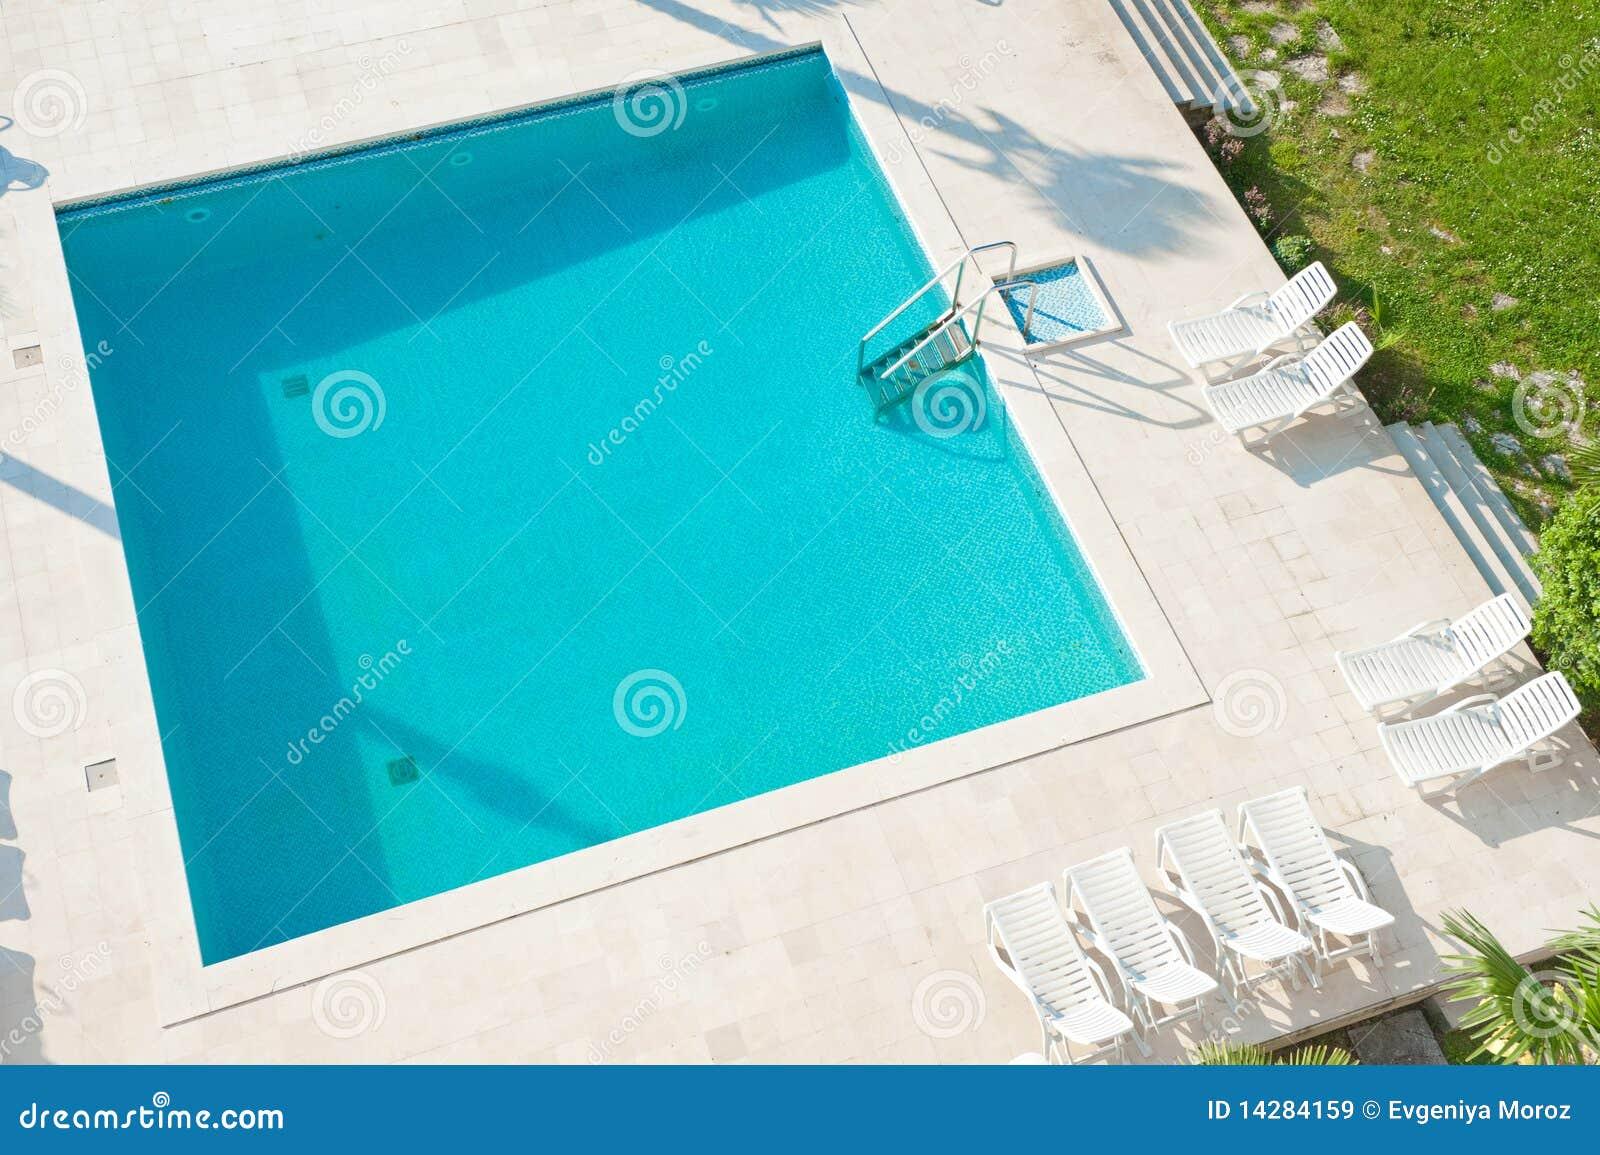 piscina cuadrada. imágenes de archivo libres de regalías - imagen